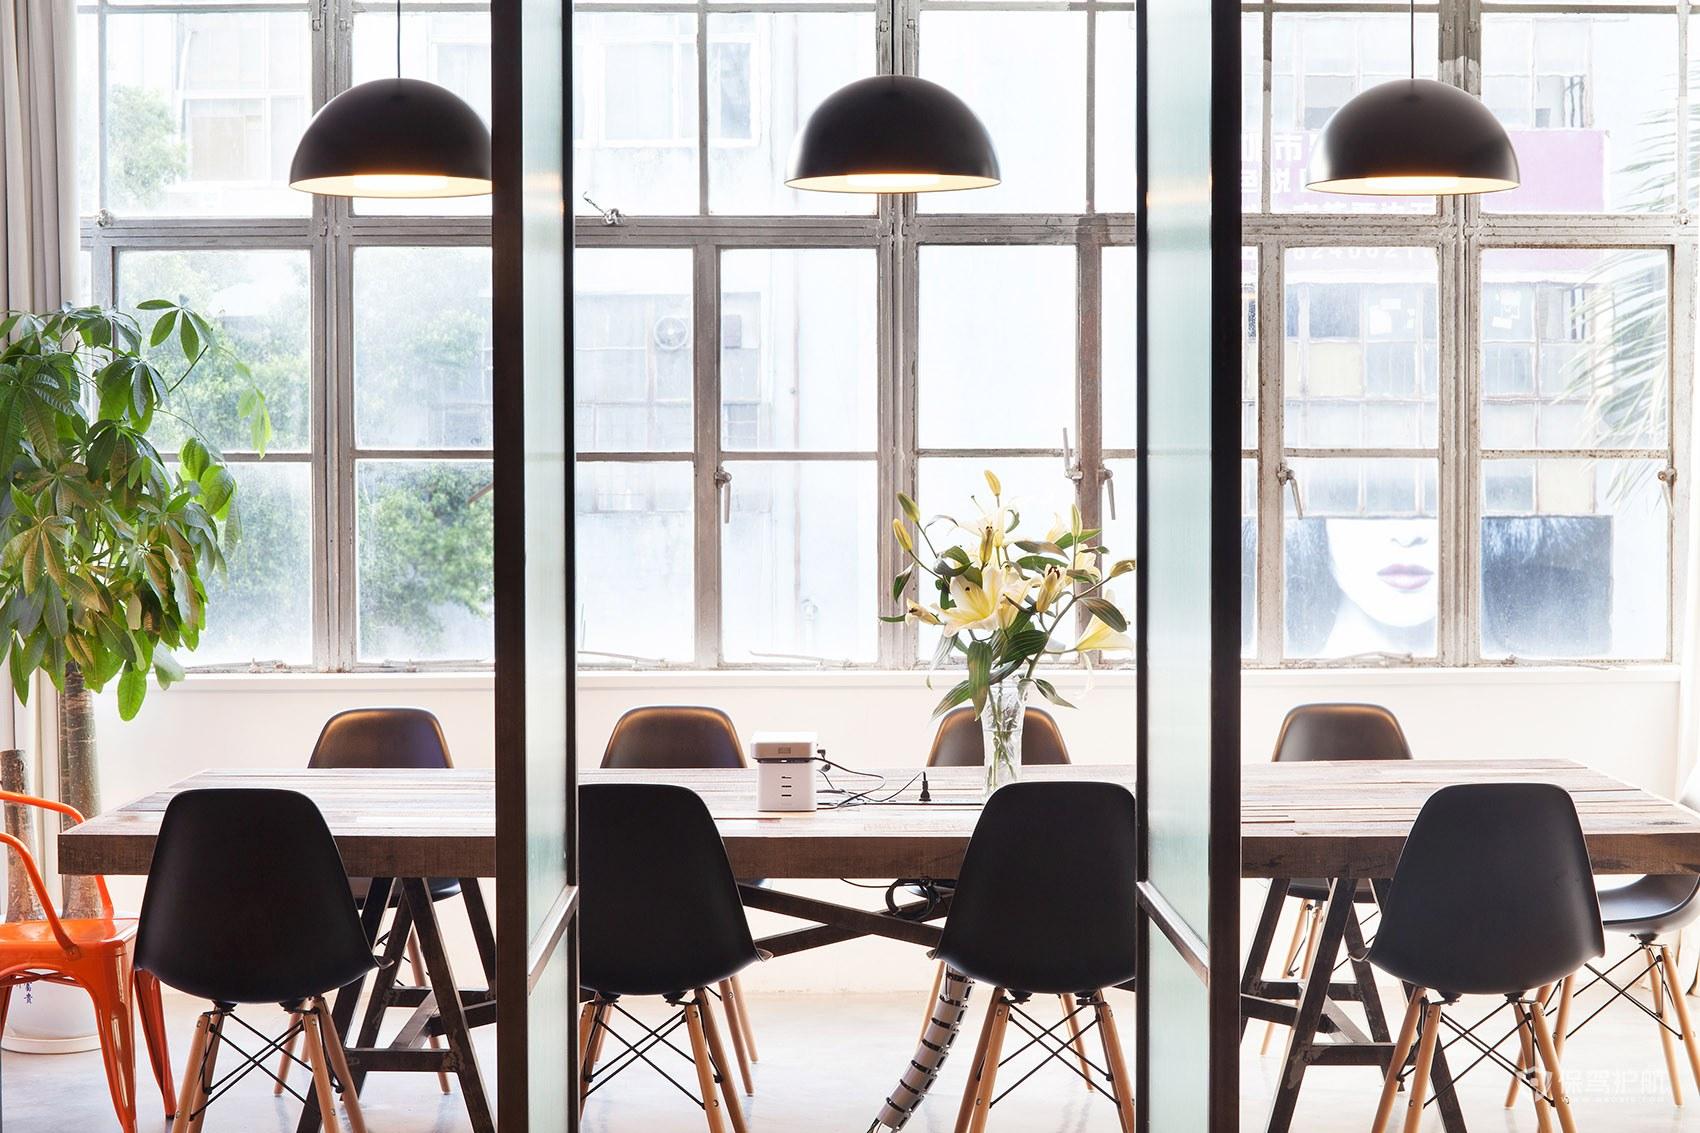 北欧风格办公室会议区装修效果图